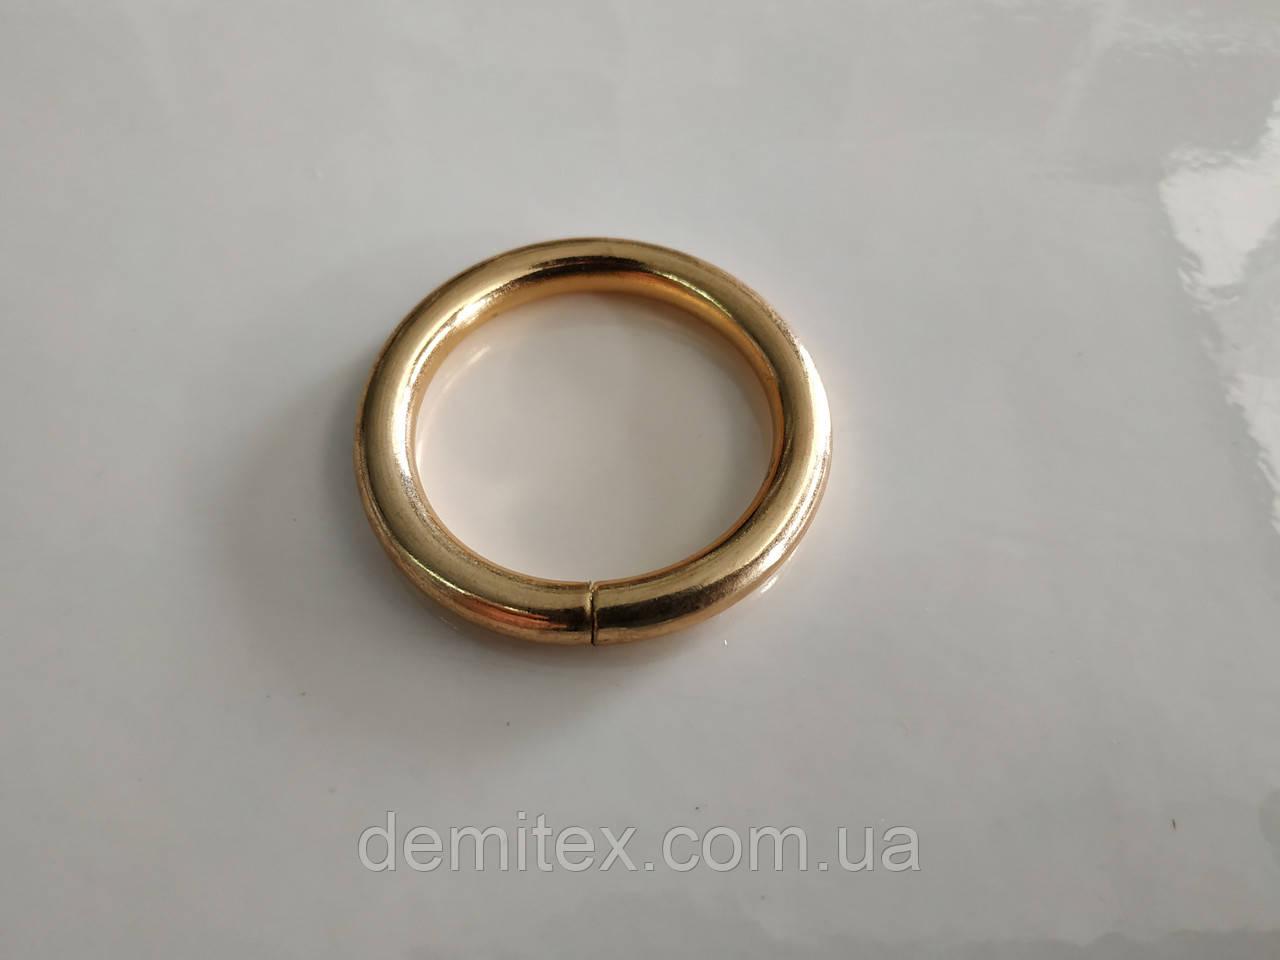 Кольцо золото 30х5мм